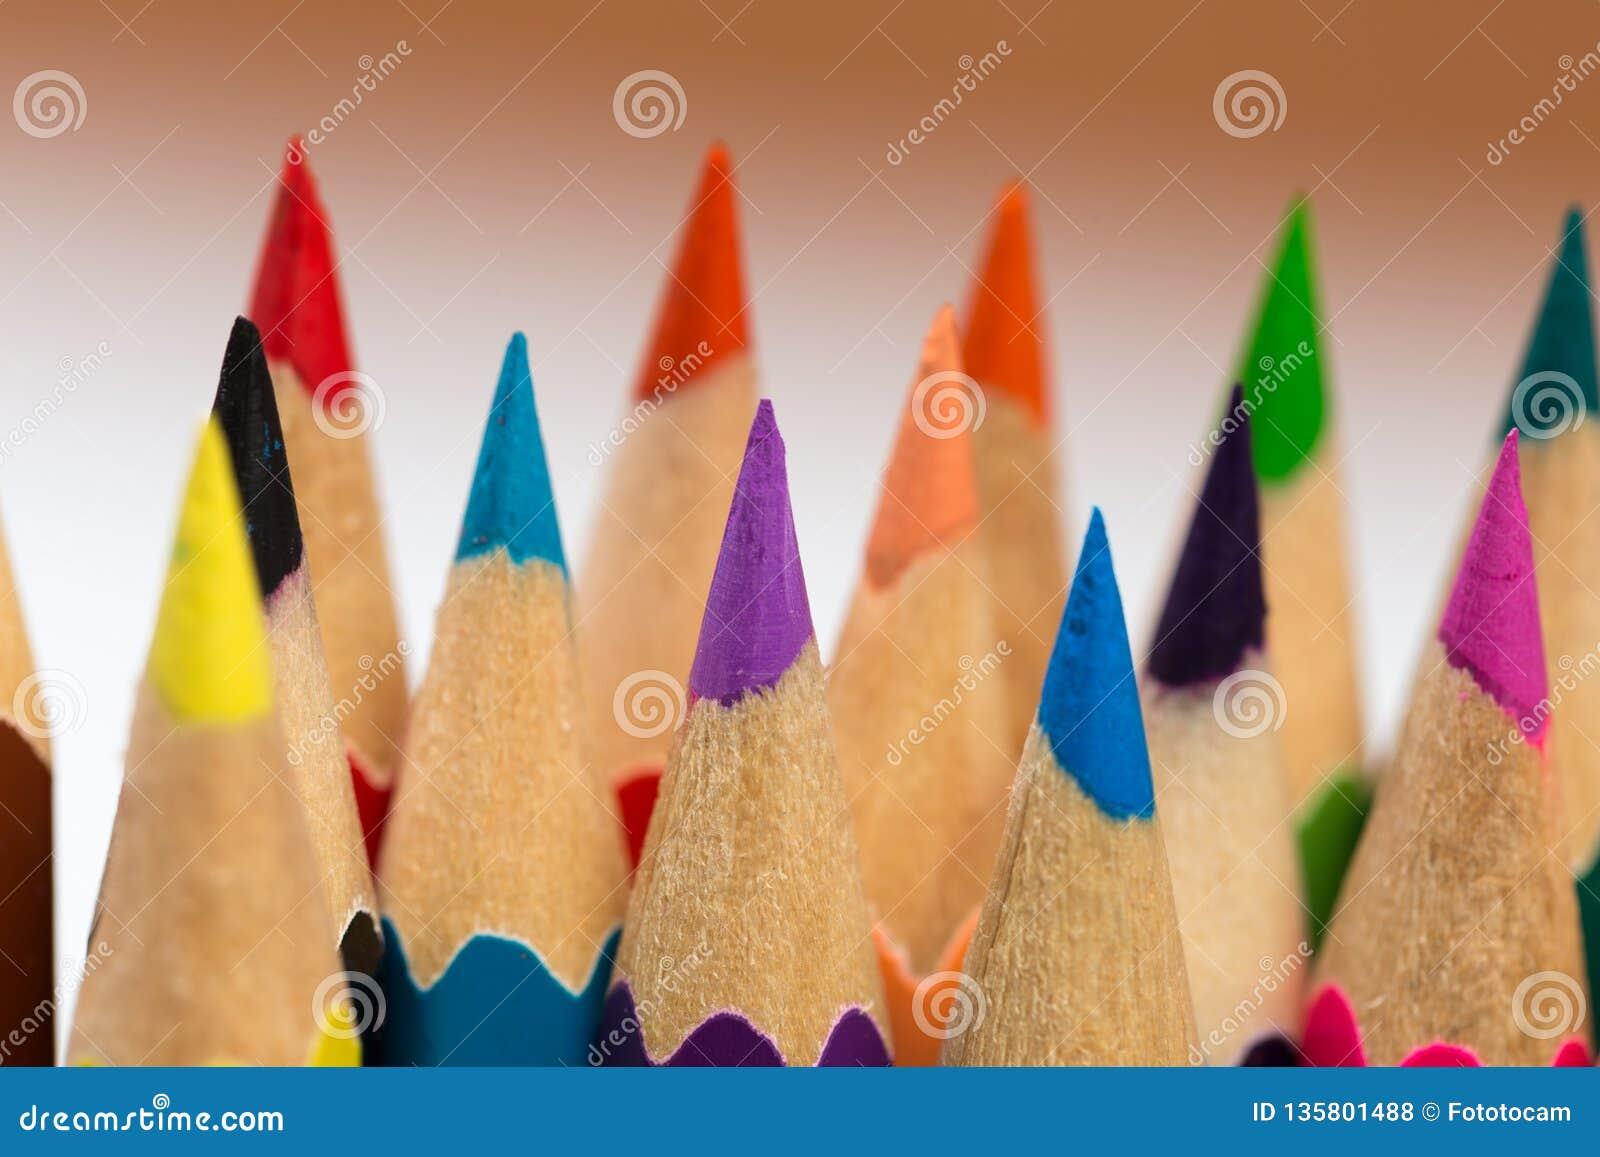 Färga för att vässa blyertspennor